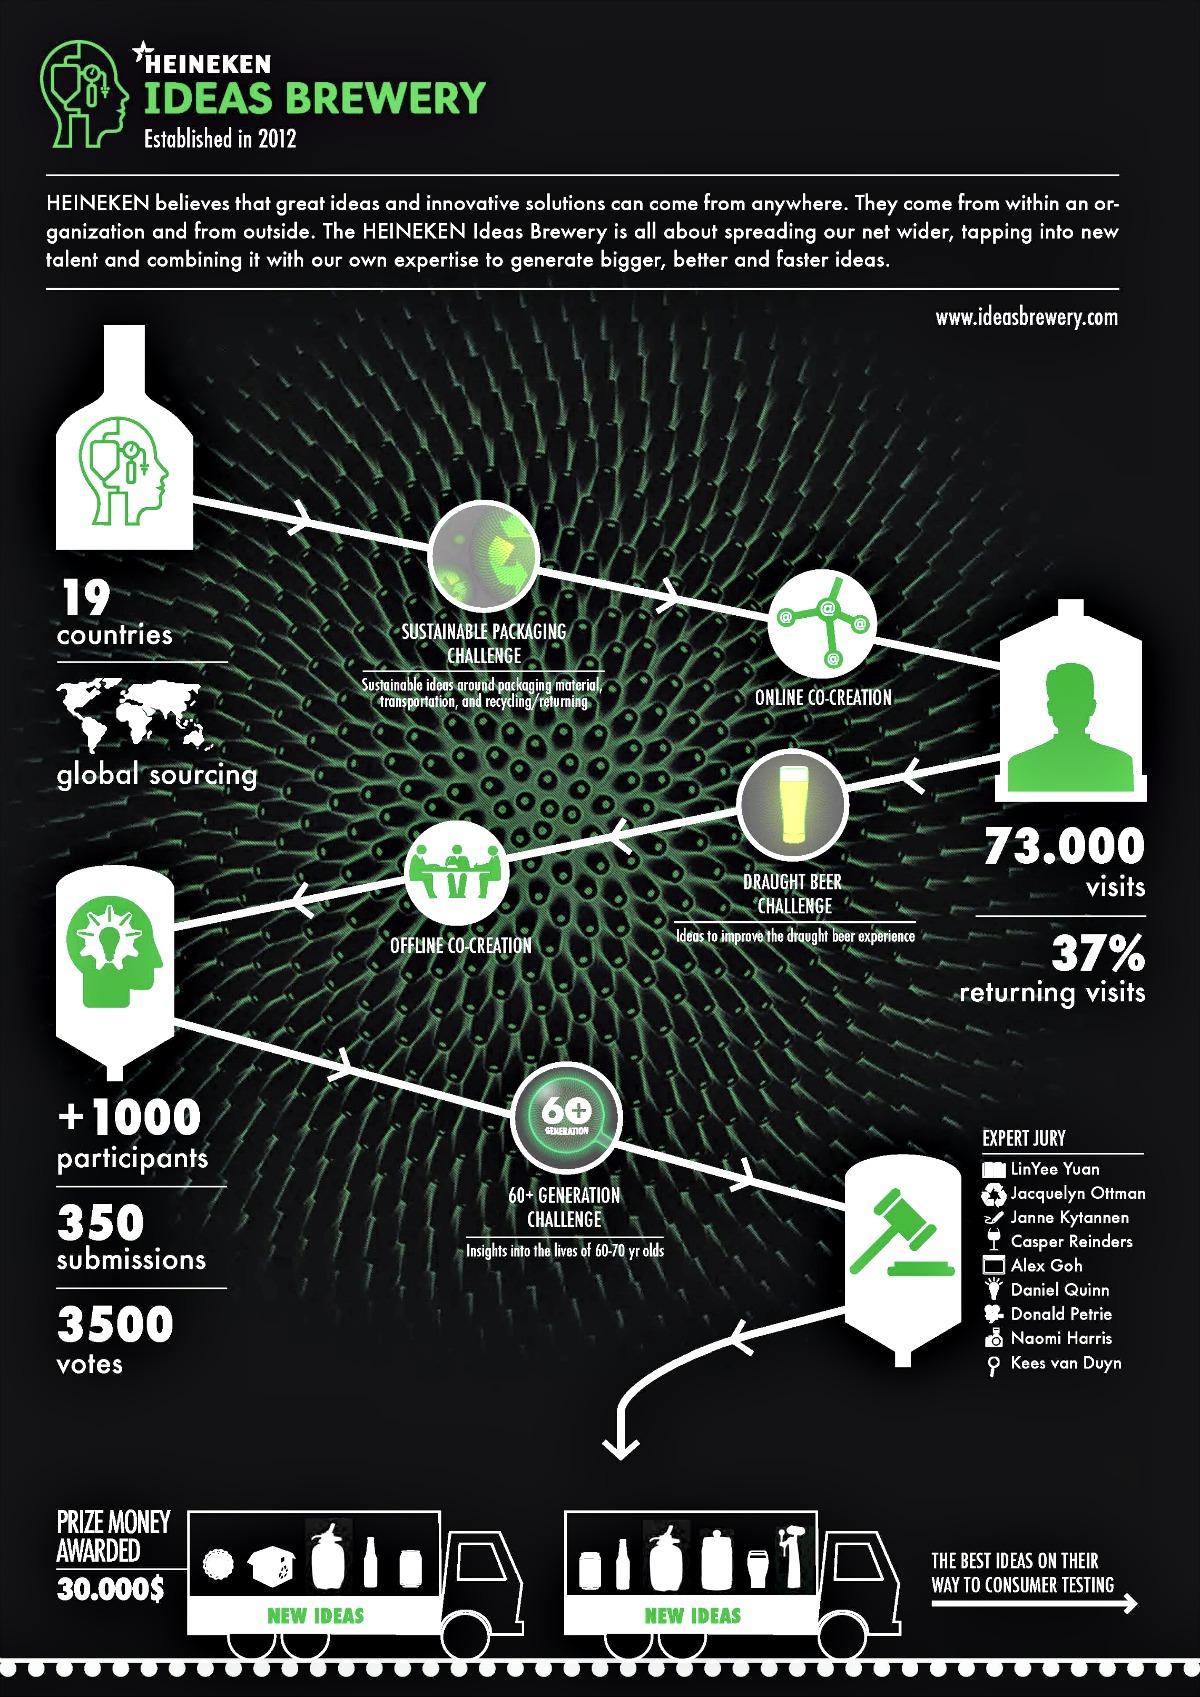 Как использовать пользовательский контент (UGC)? Инфографика компании Heineken